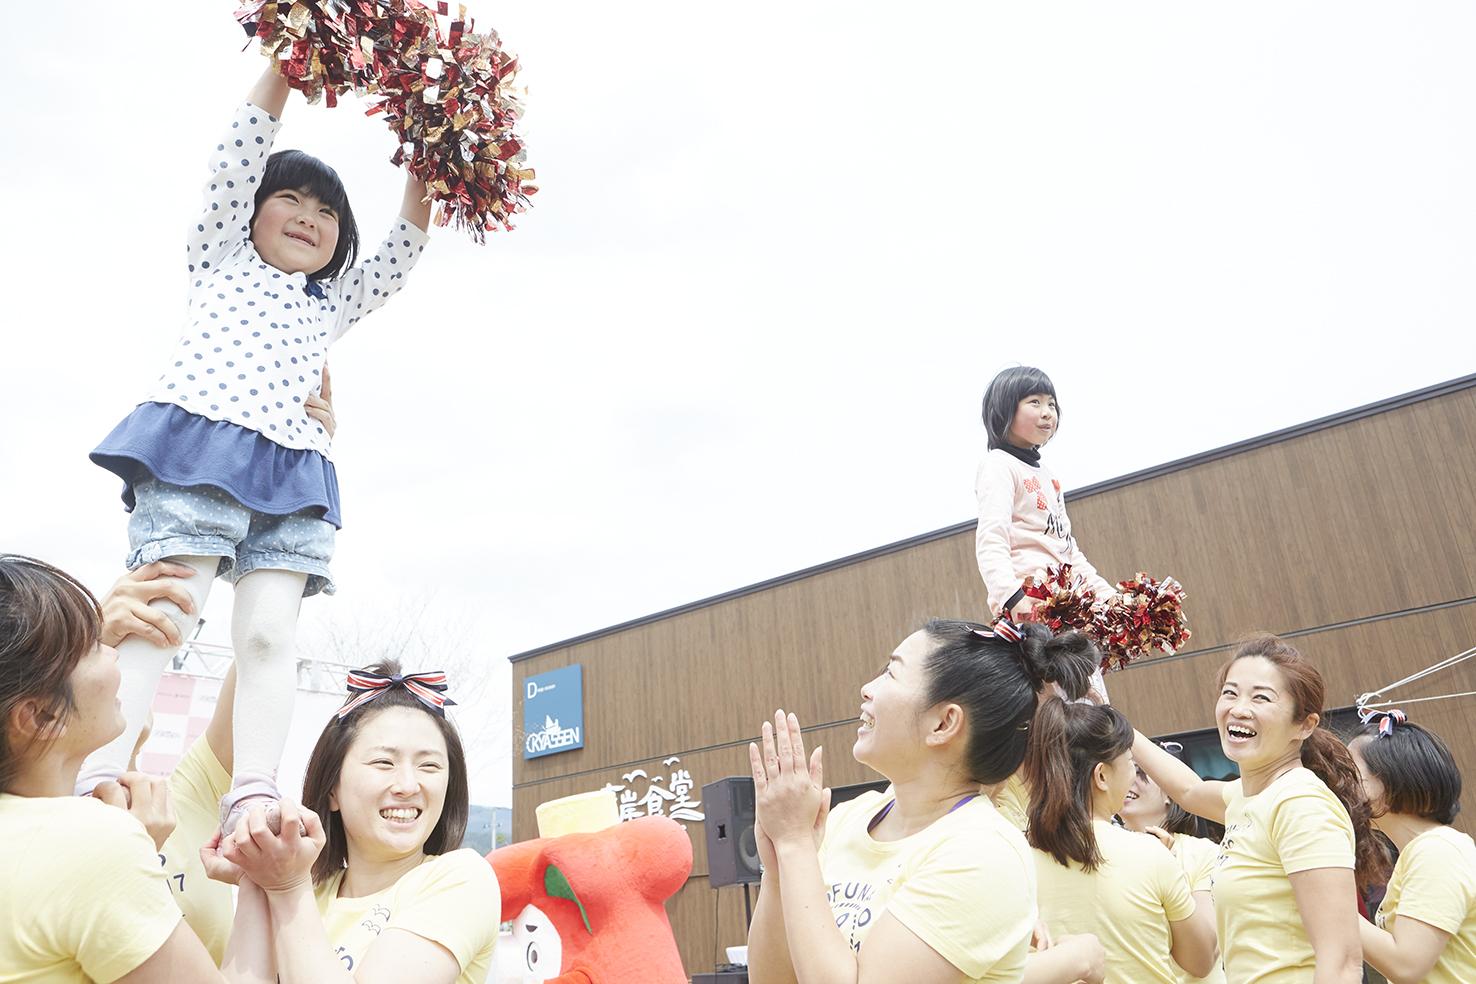 2017年大船渡復興支援まちびらきイベント ©吉澤健太